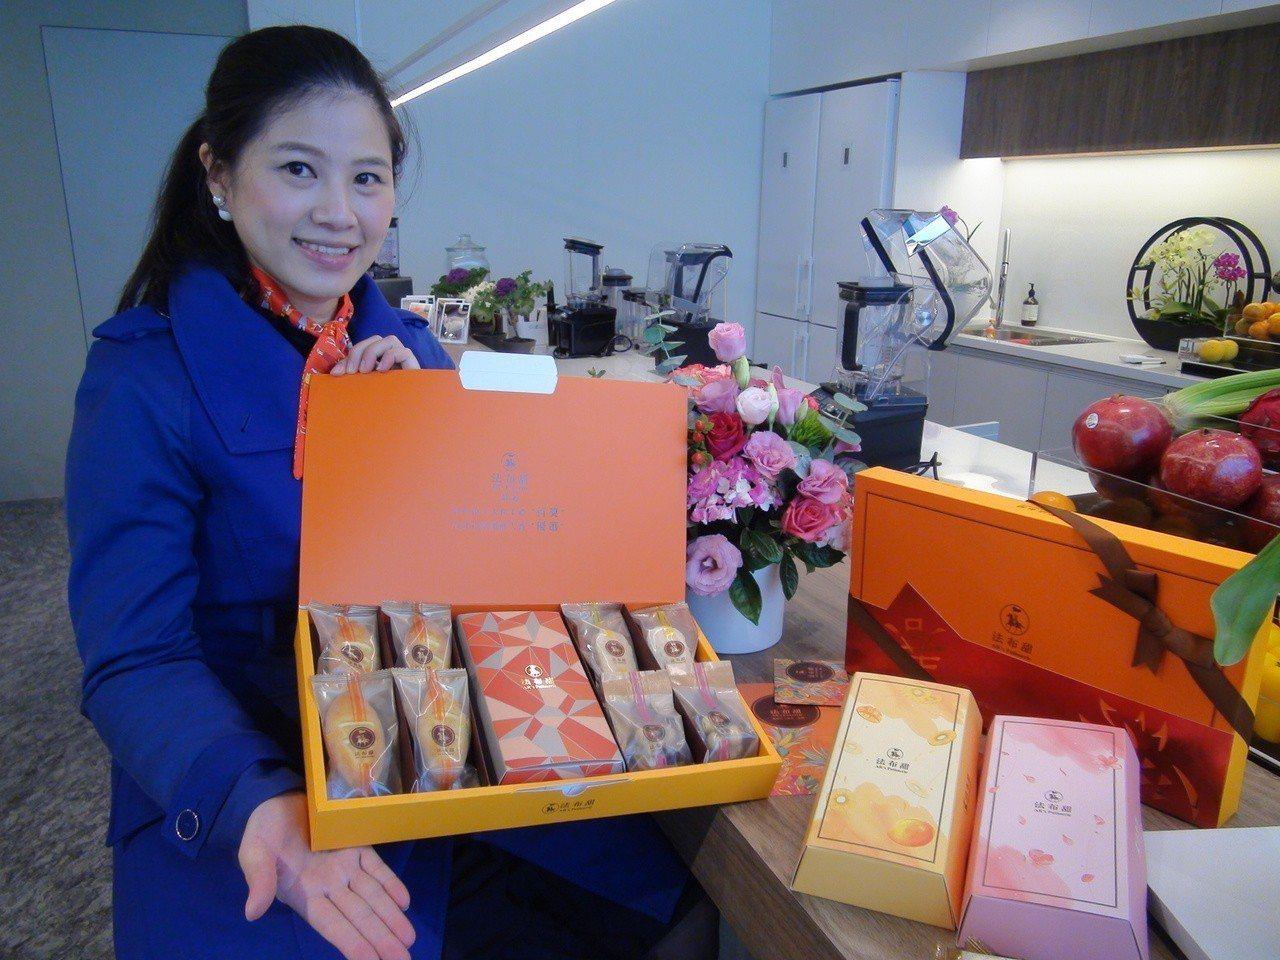 法布甜針對農曆春節推出「富貴禮盒」。記者余采瀅/攝影